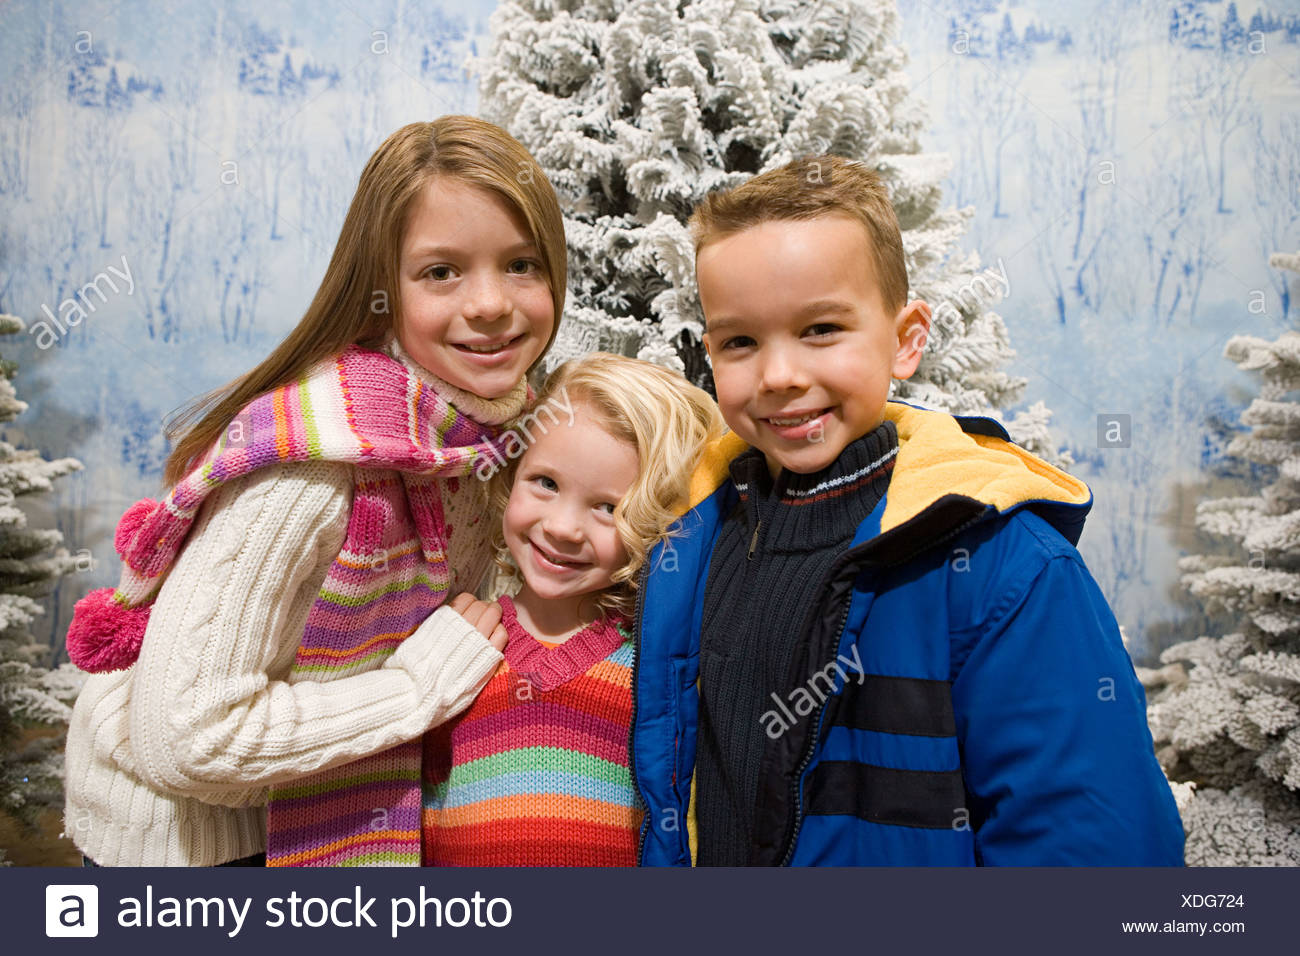 Kids in a winter scene - Stock Image